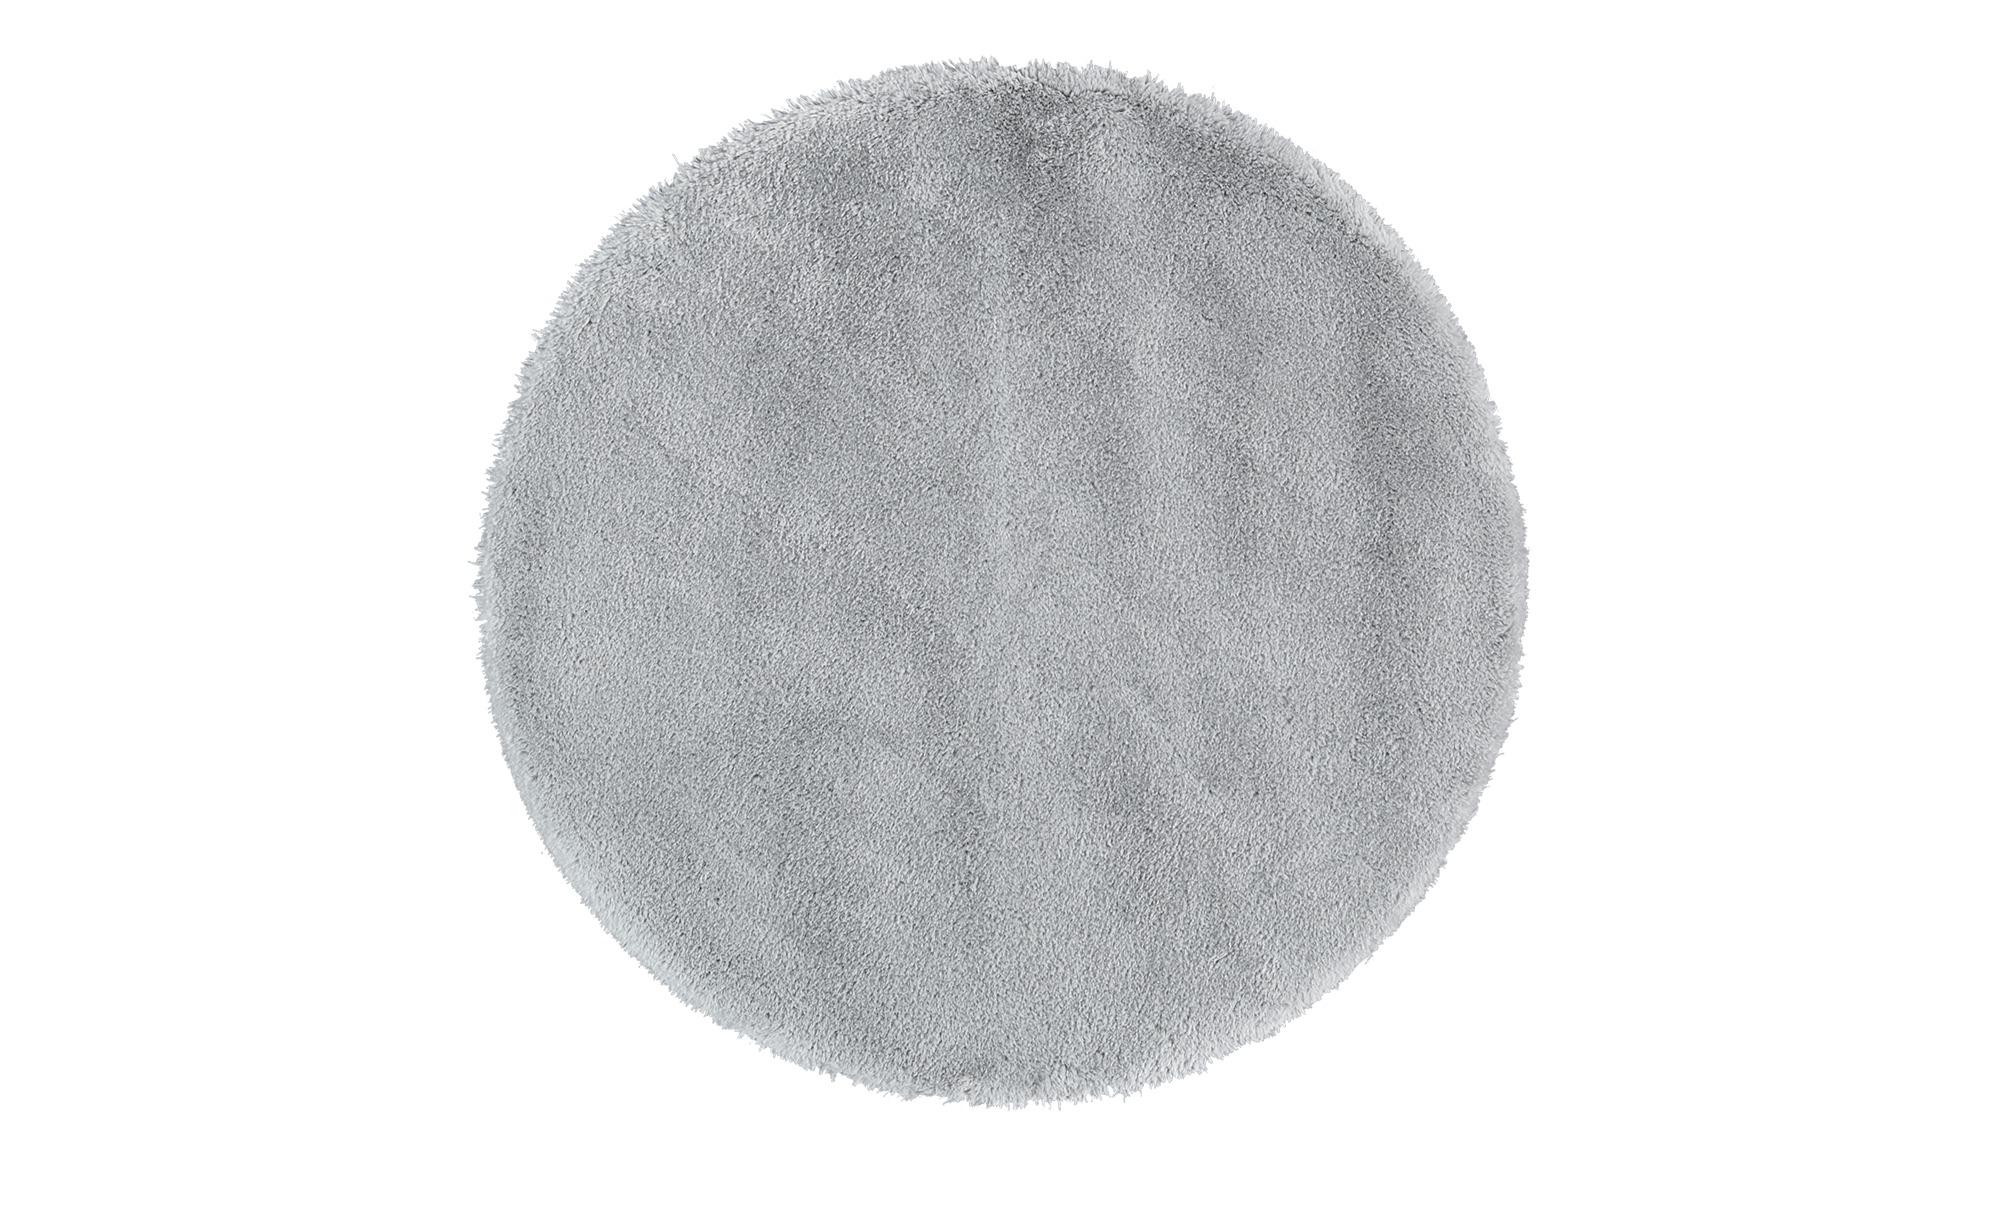 Kinderteppich  Lämmchen ¦ grau ¦ 100% Polyester, Suede-Rücken, Synthethische FasernØ: [80.0] Teppiche > Kinderteppiche - Höffner